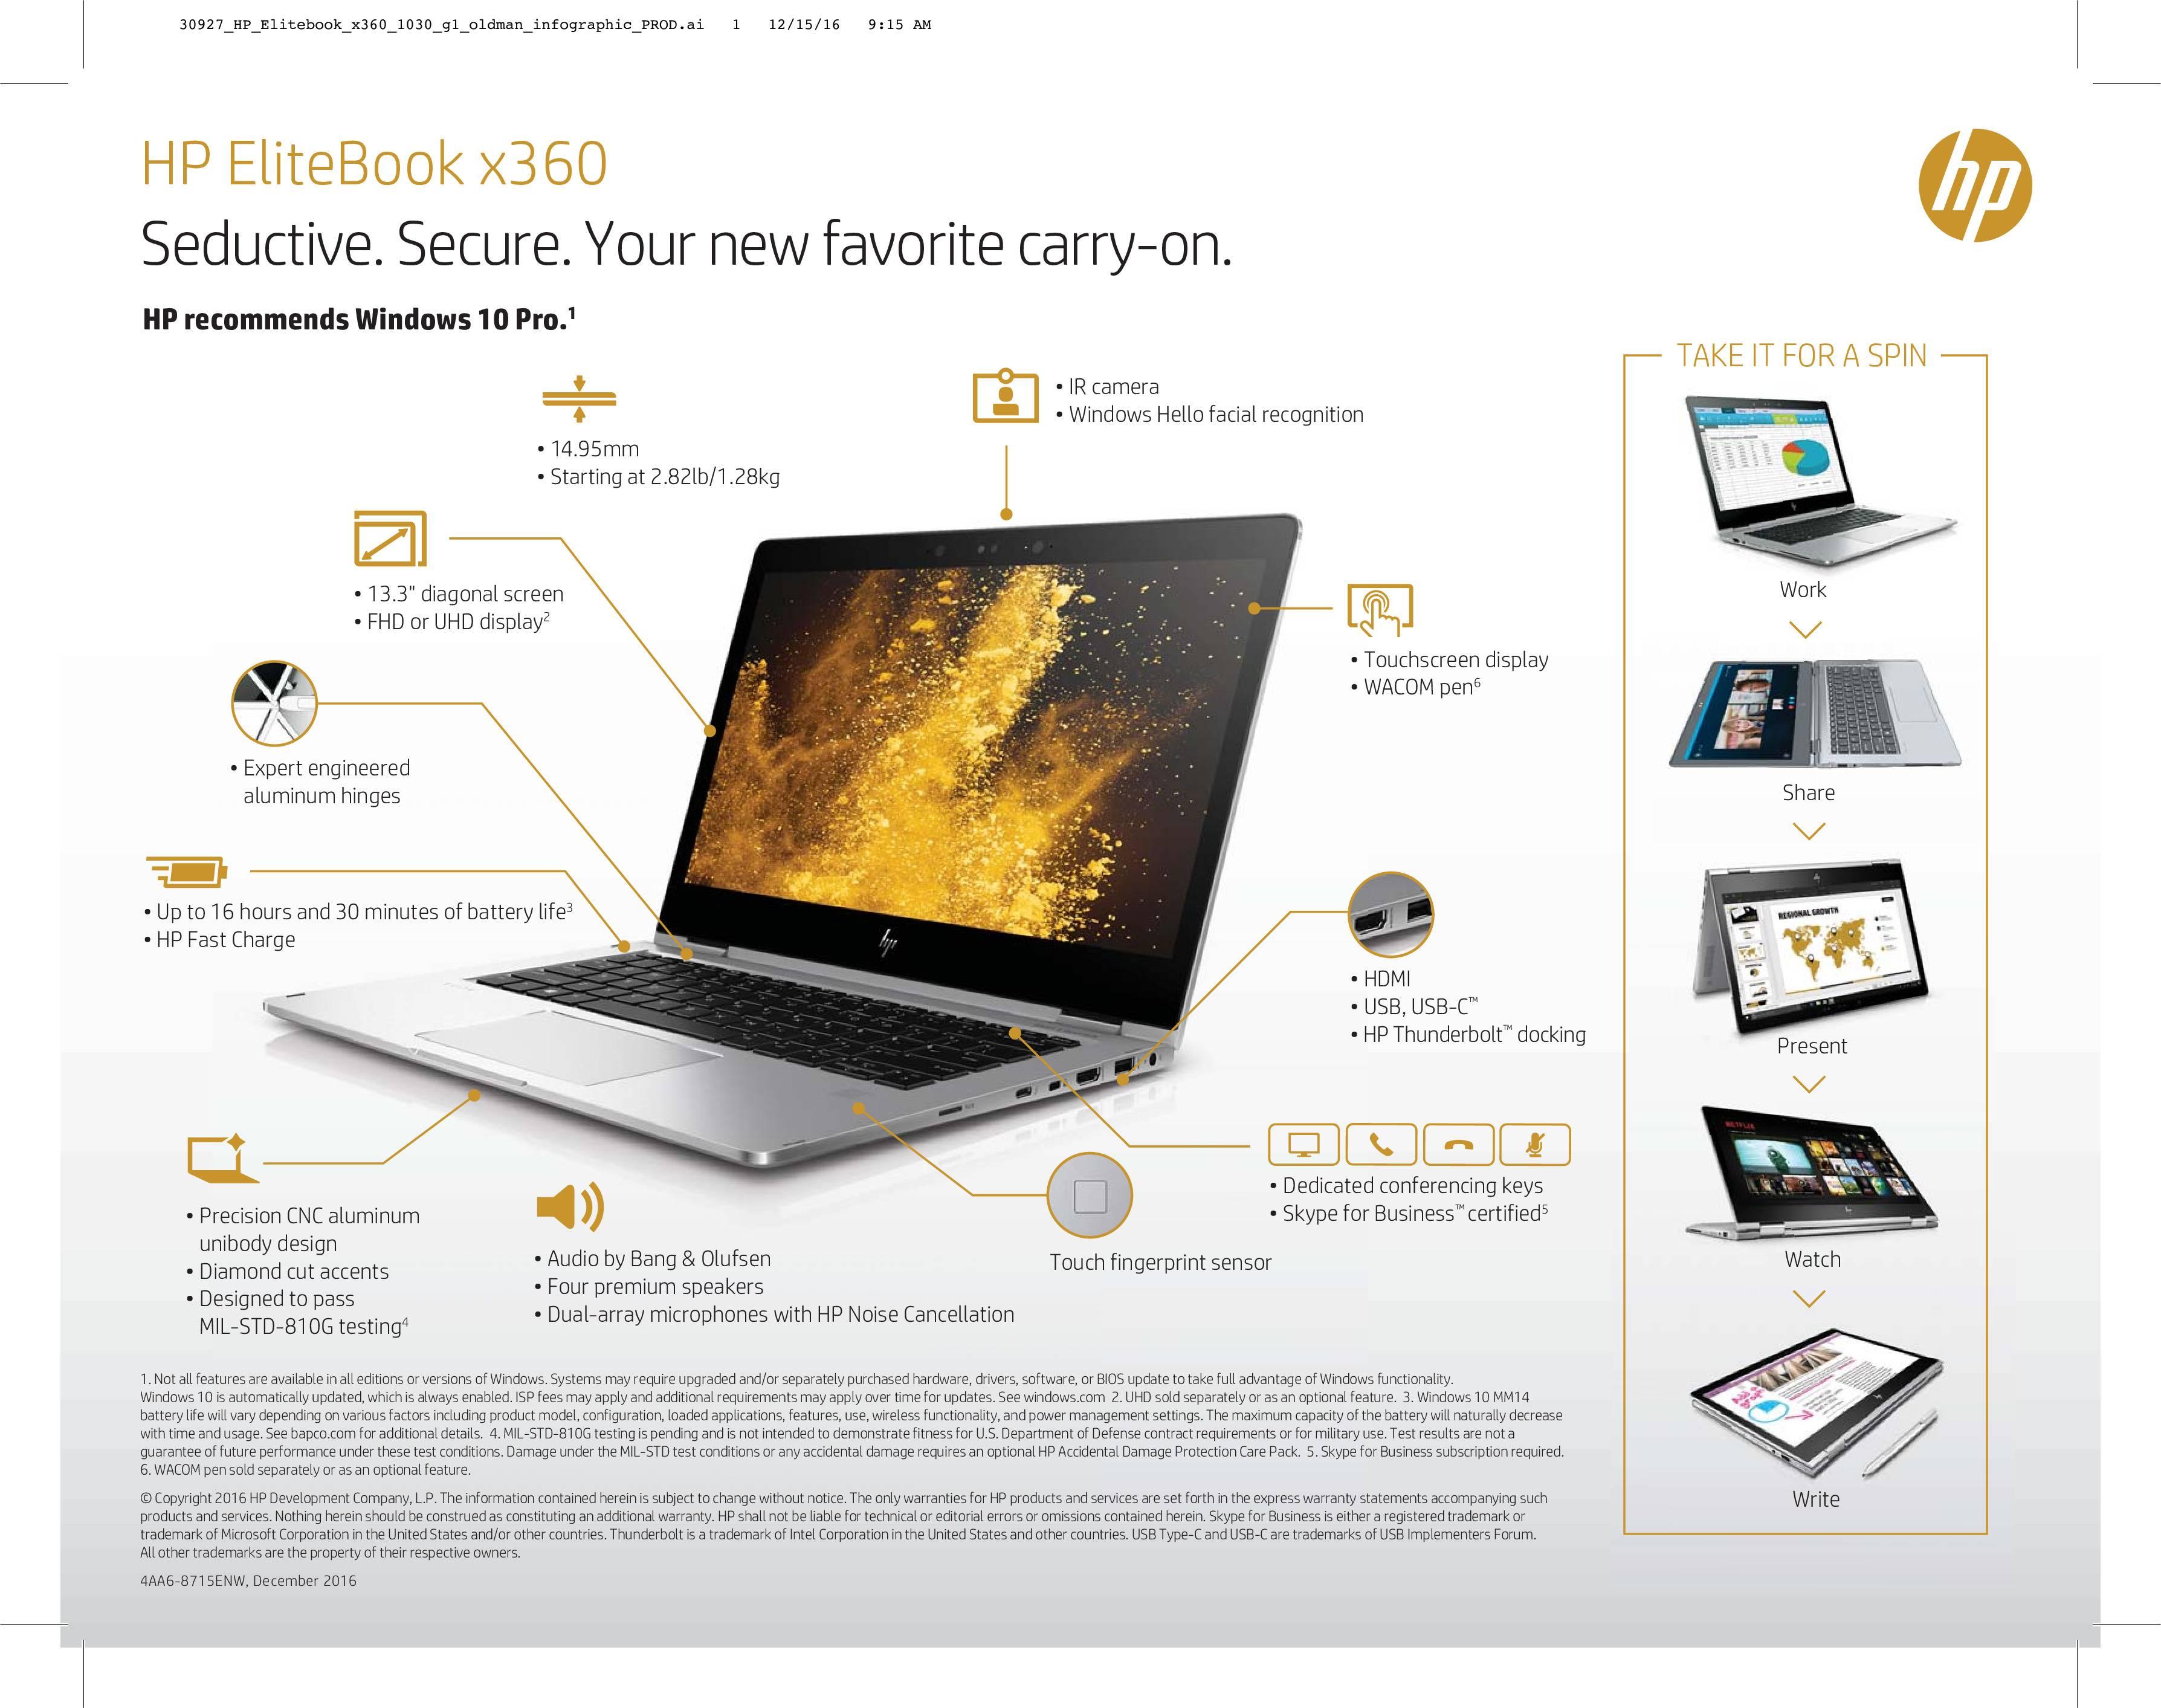 HiroLap - Chuyên laptop có tính năng đặc biệt: Siêu mỏng, siêu nhẹ